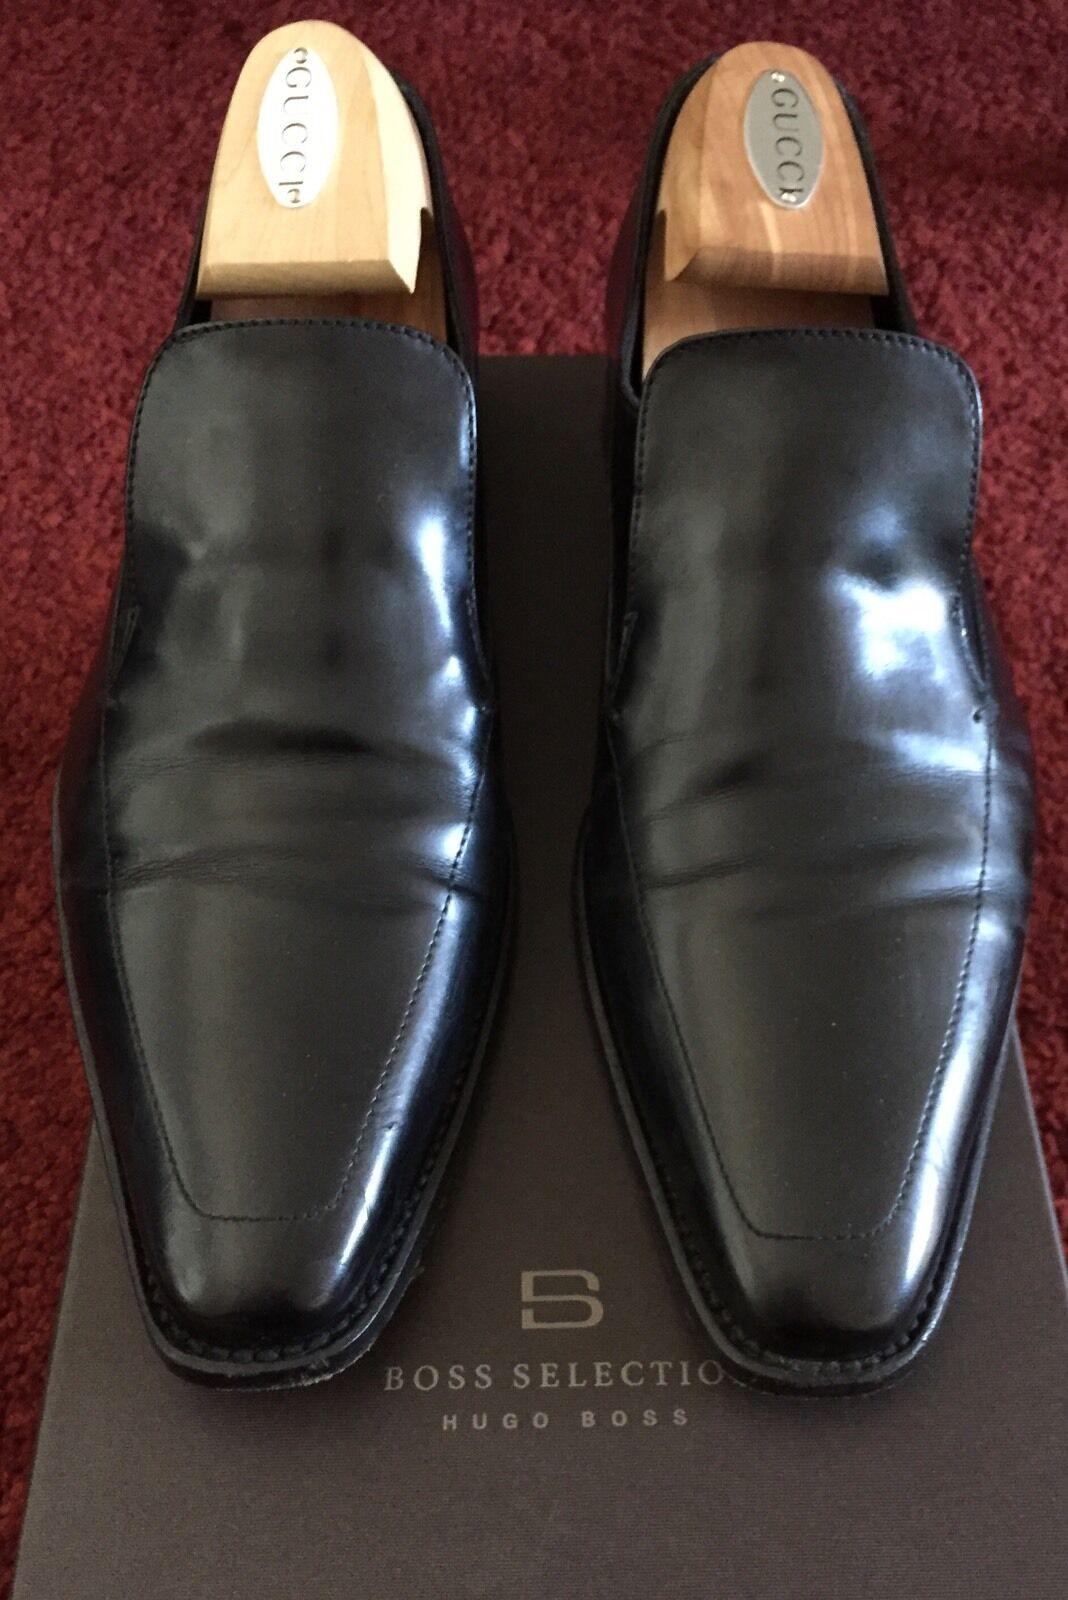 Hugo Boss selección para hombre Negro Cuero Mocasines zapatos 9 42 8 hechos a mano